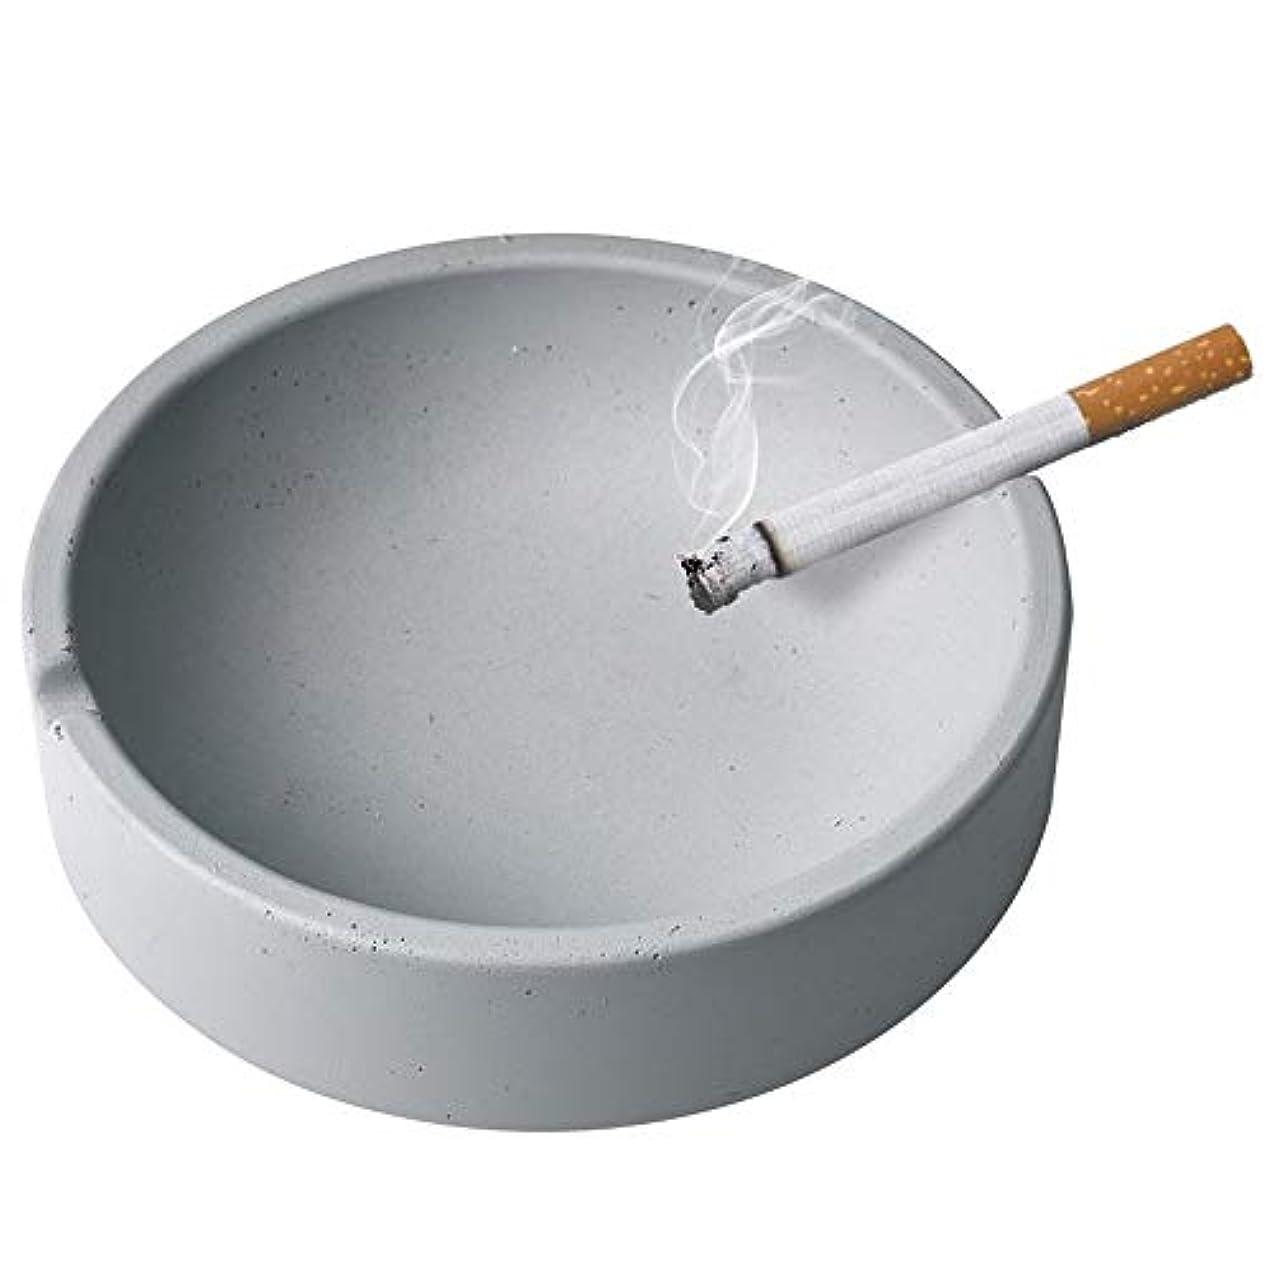 誰のマグ命題家庭用産業風コンクリート灰皿、パーソナライズ屋外灰皿、多人数使用シーンリビングルームオフィスレストラン灰皿装飾 (Size : L)